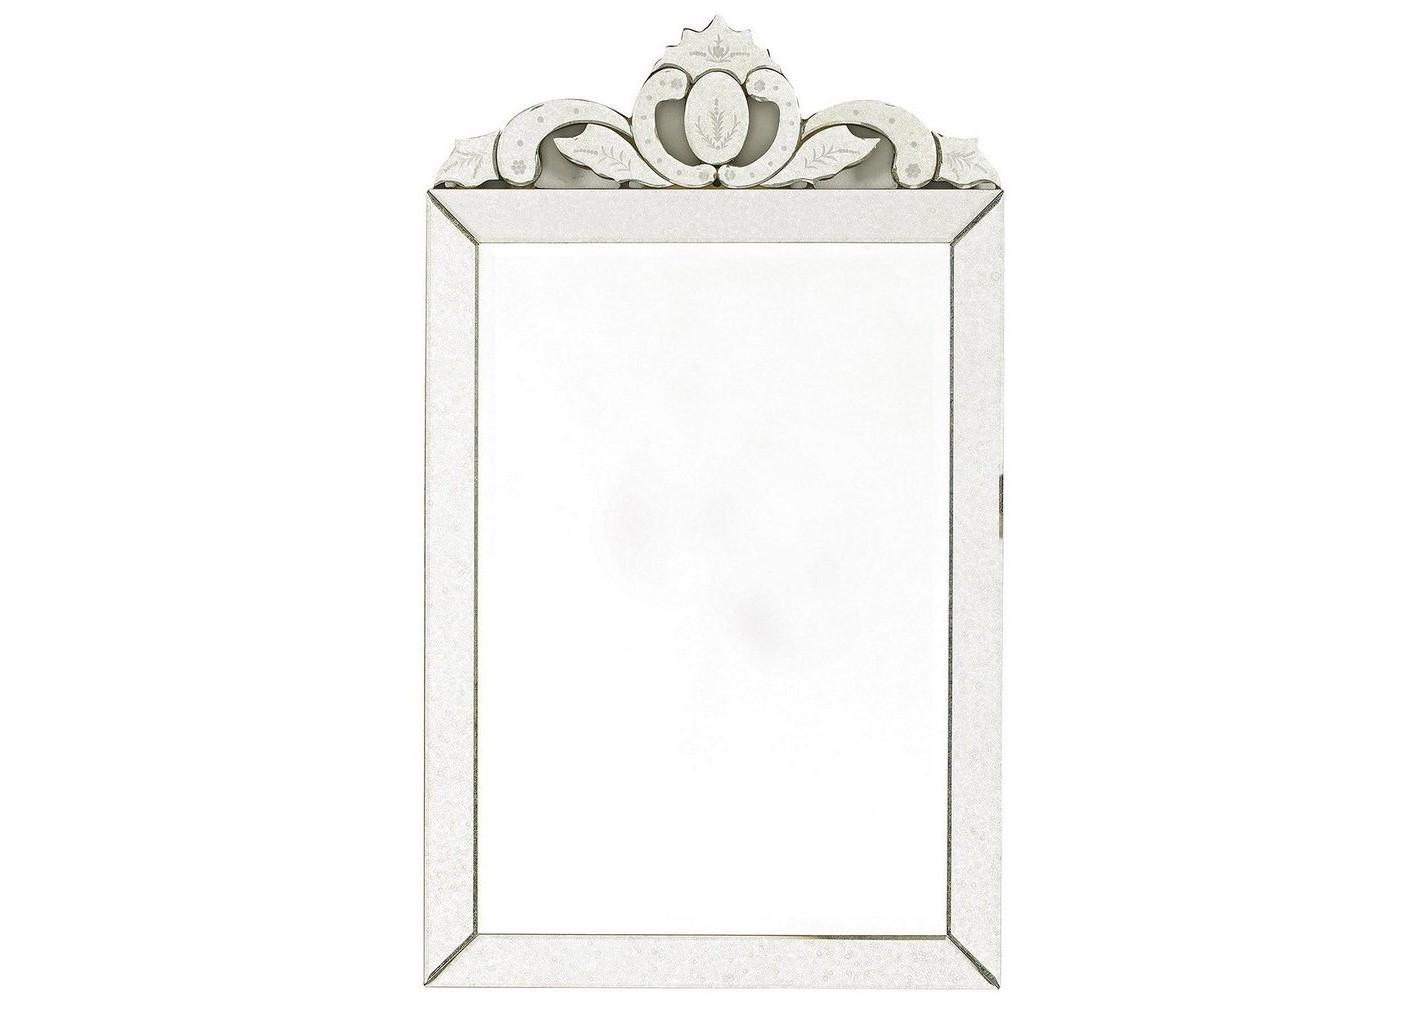 Зеркало СальватореНастенные зеркала<br>&amp;lt;span style=&amp;quot;font-size: 14px;&amp;quot;&amp;gt;Крепления входят в стоимость.&amp;lt;/span&amp;gt;<br><br>Material: Стекло<br>Width см: 65<br>Depth см: 2<br>Height см: 110